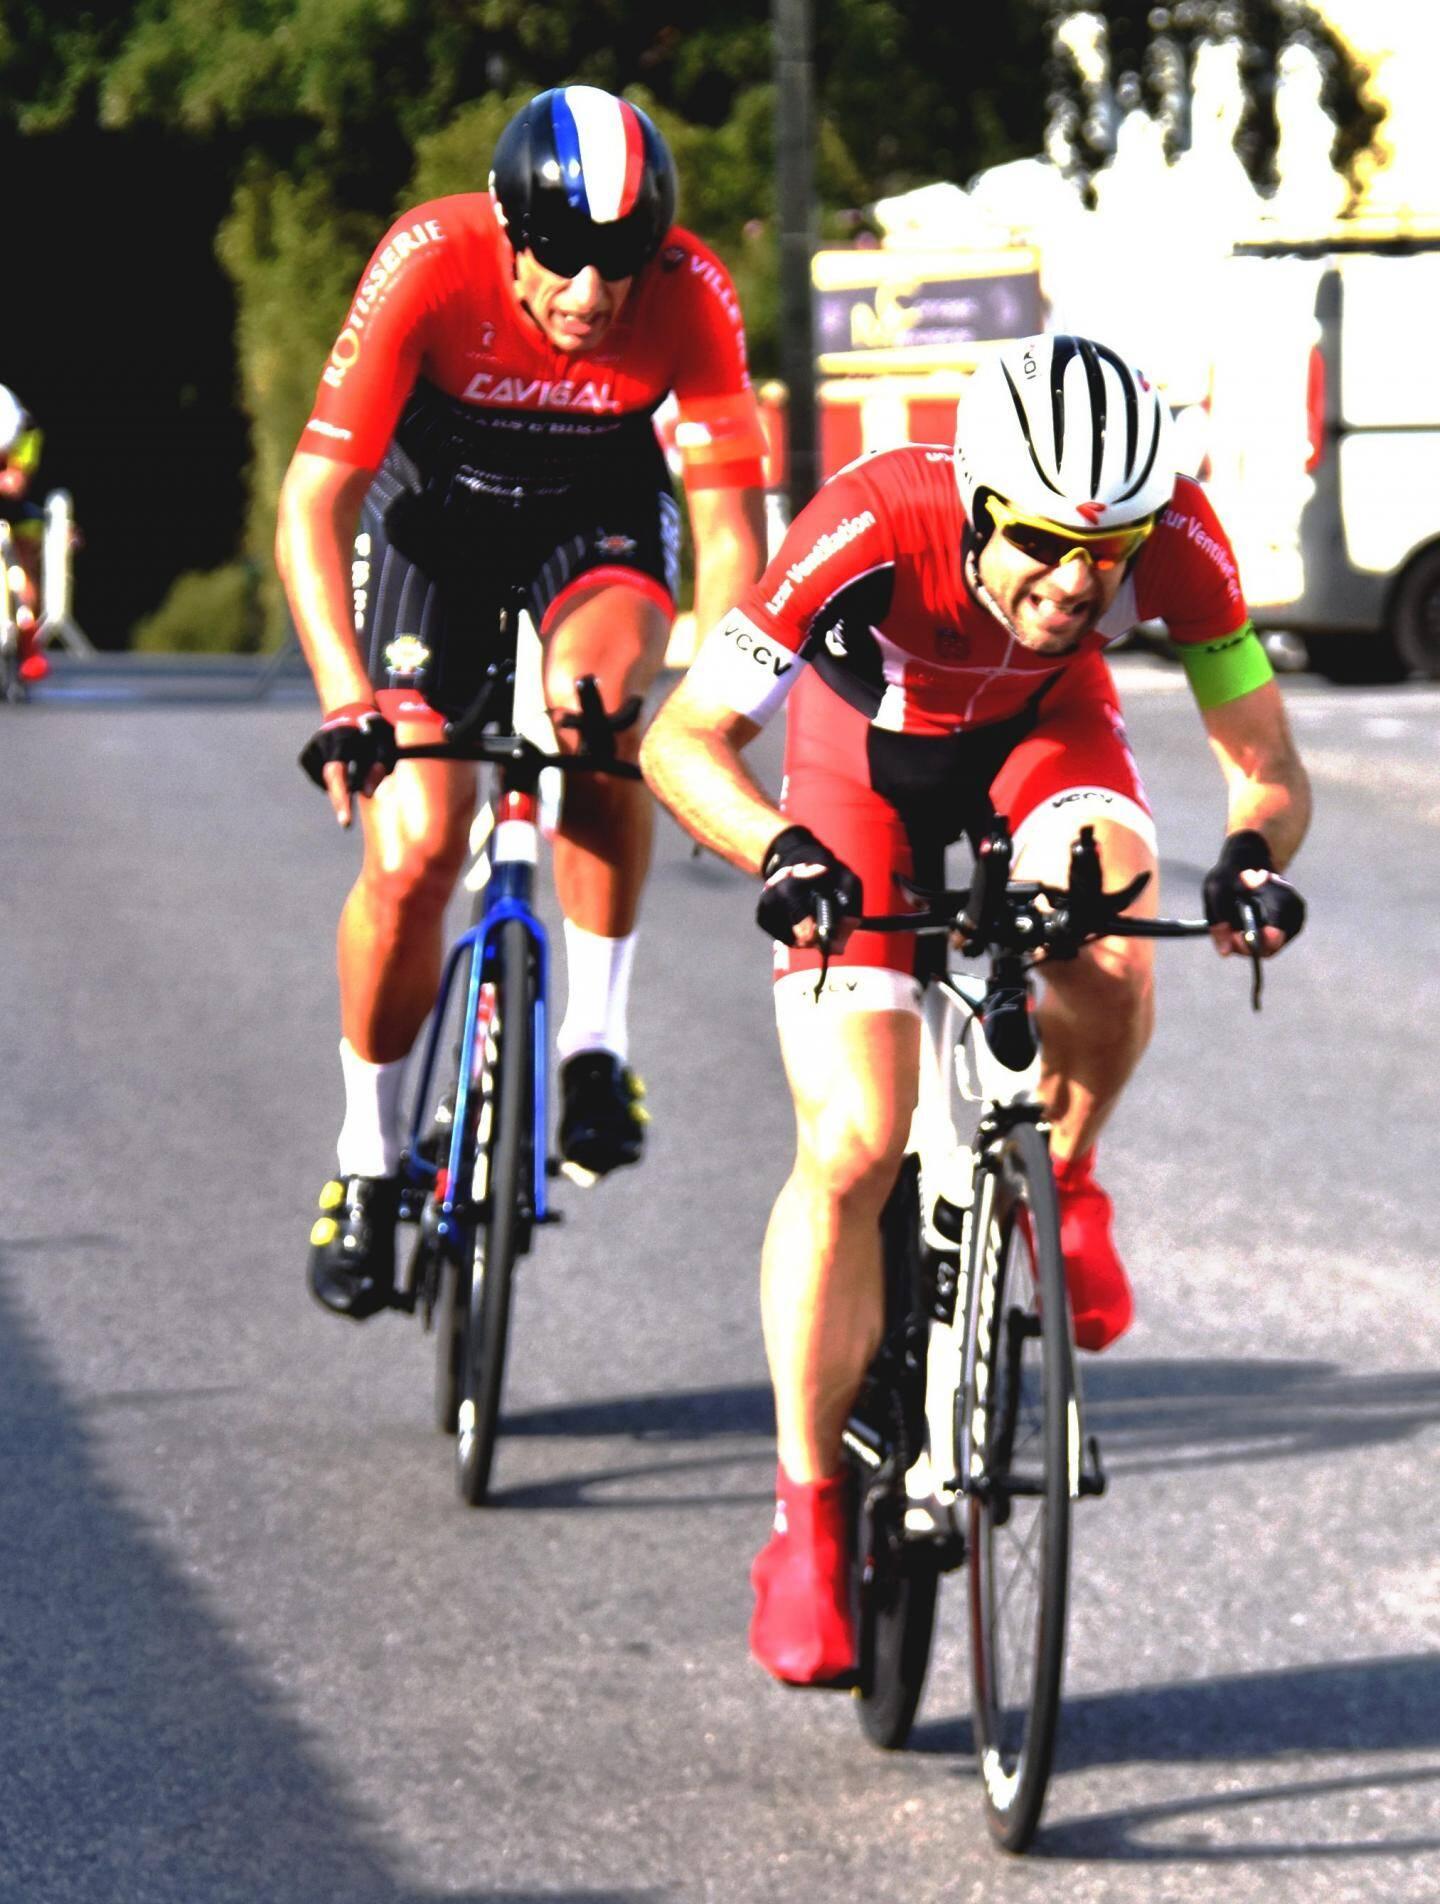 L'équipe Rémy Baucher et Fabrice Lajara (en 2e position).